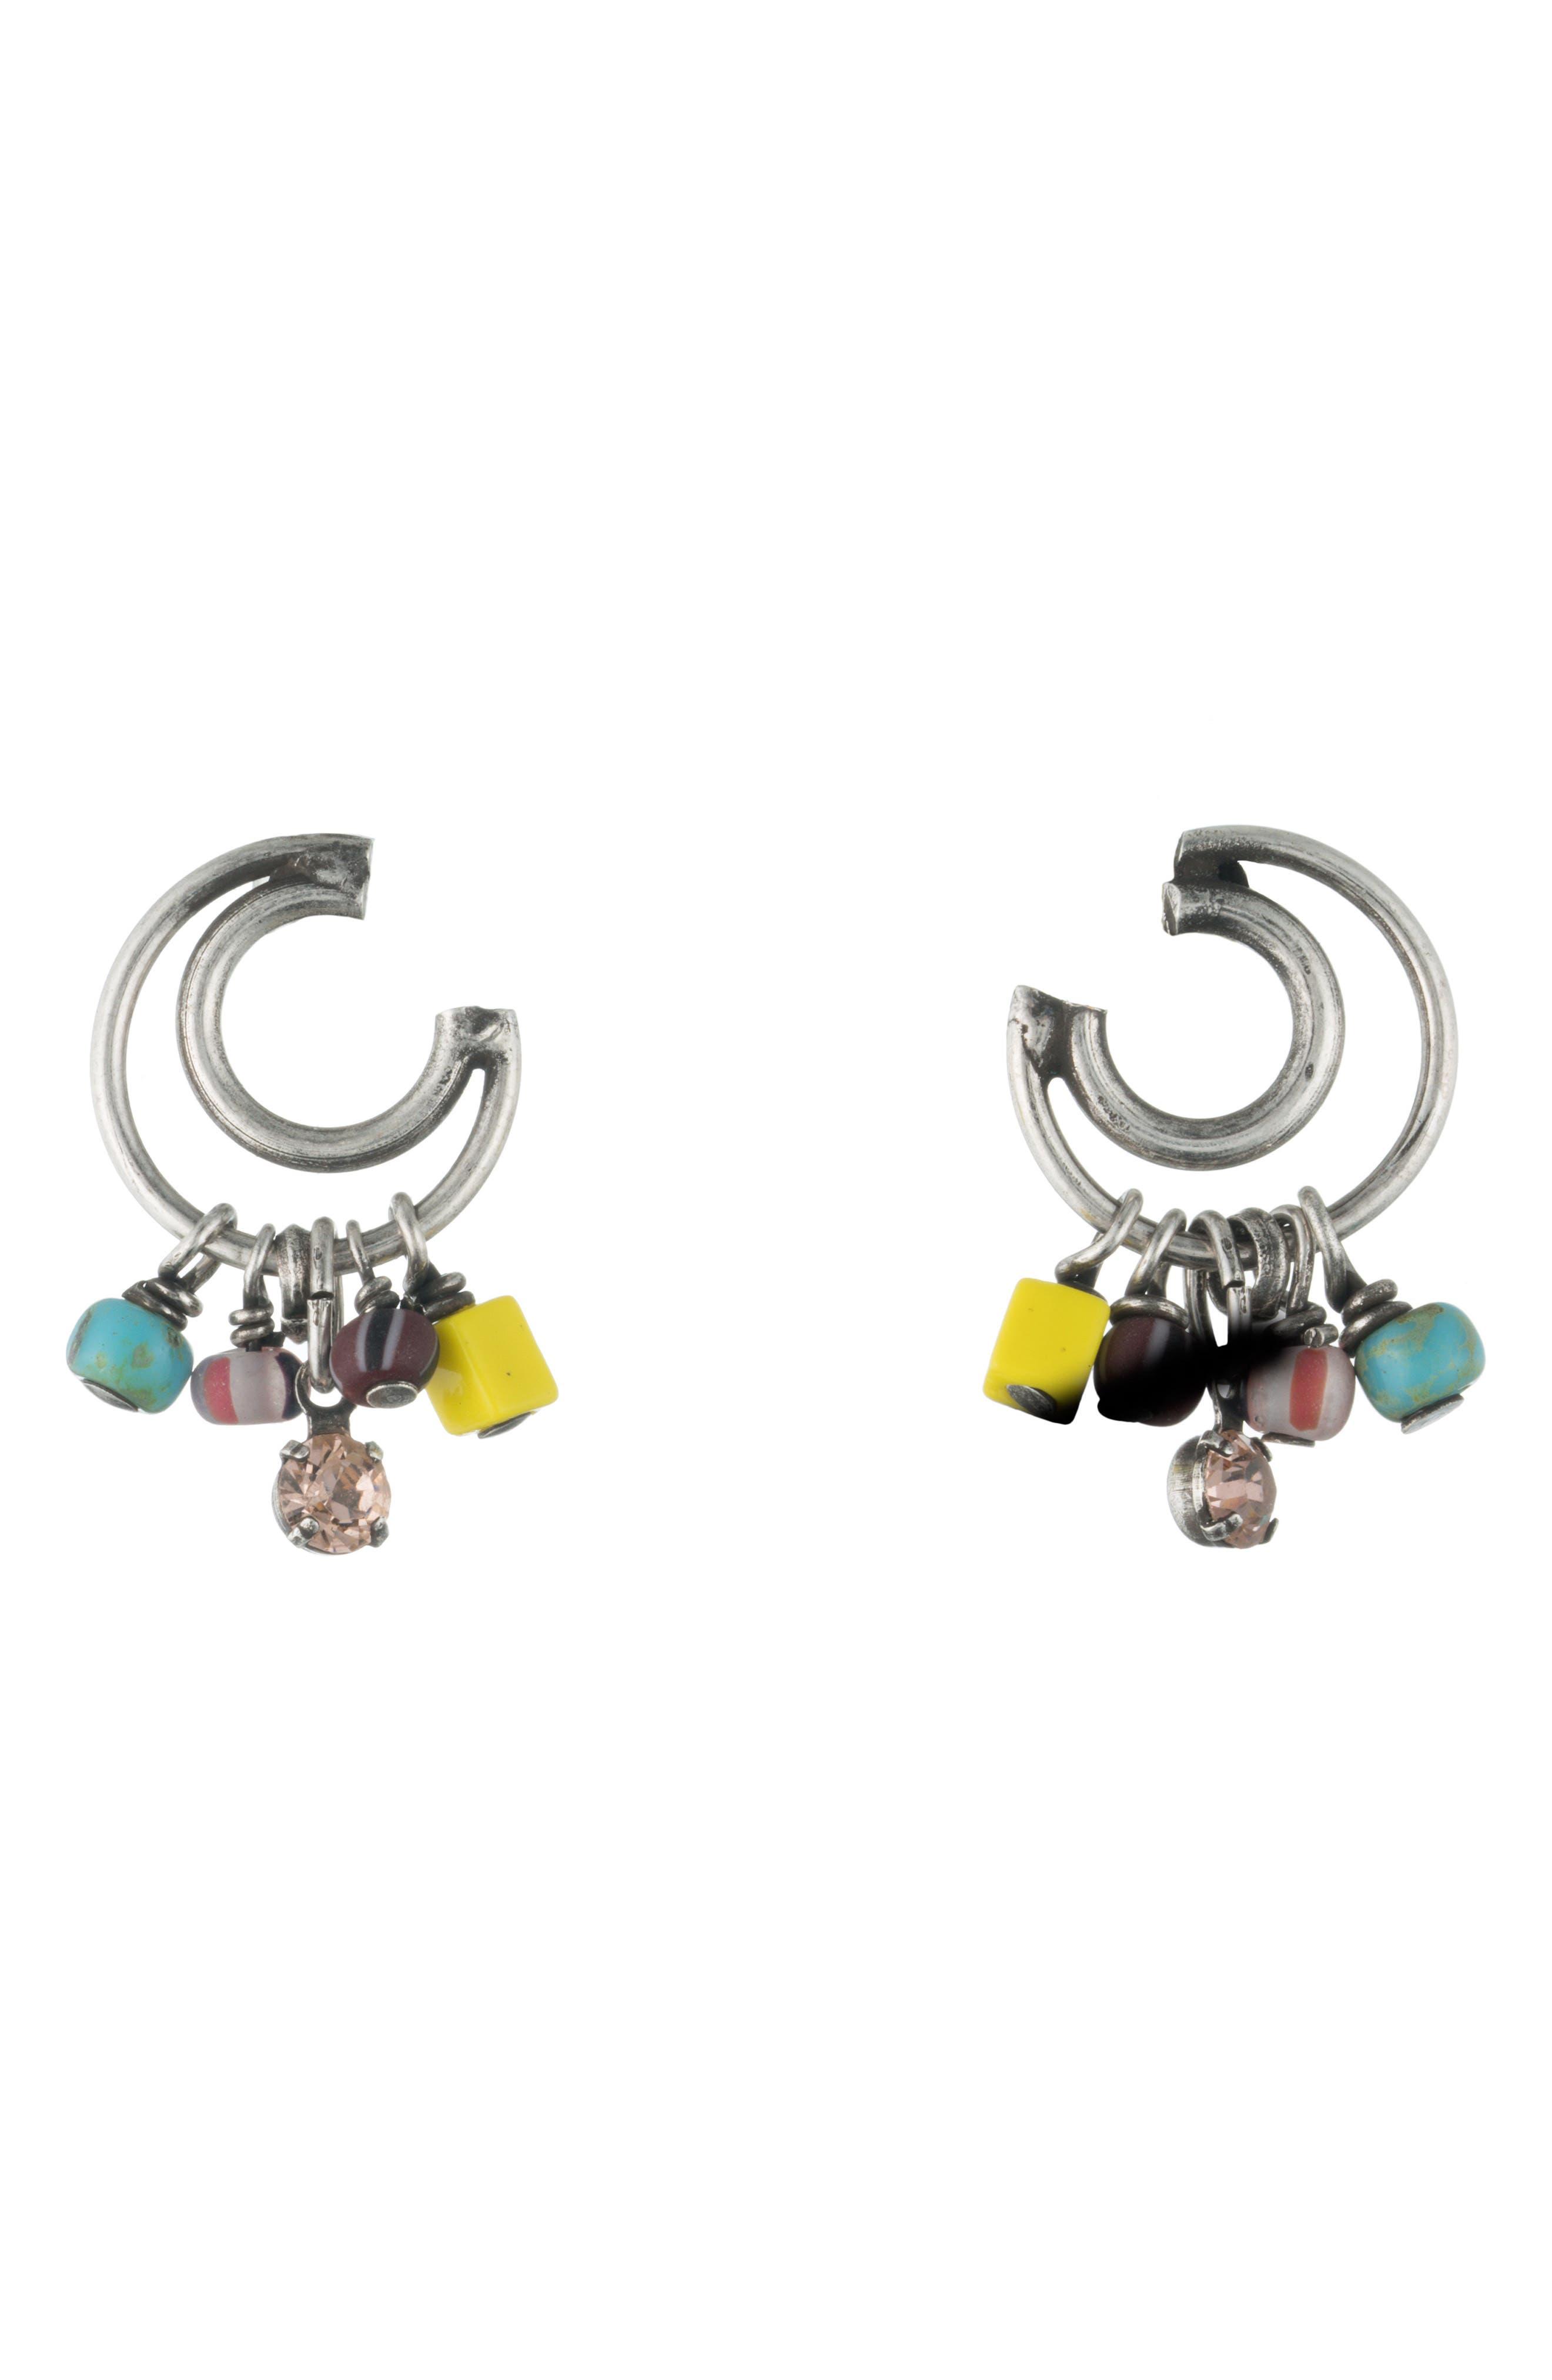 Caru Drop Earrings,                         Main,                         color, Silver Multi